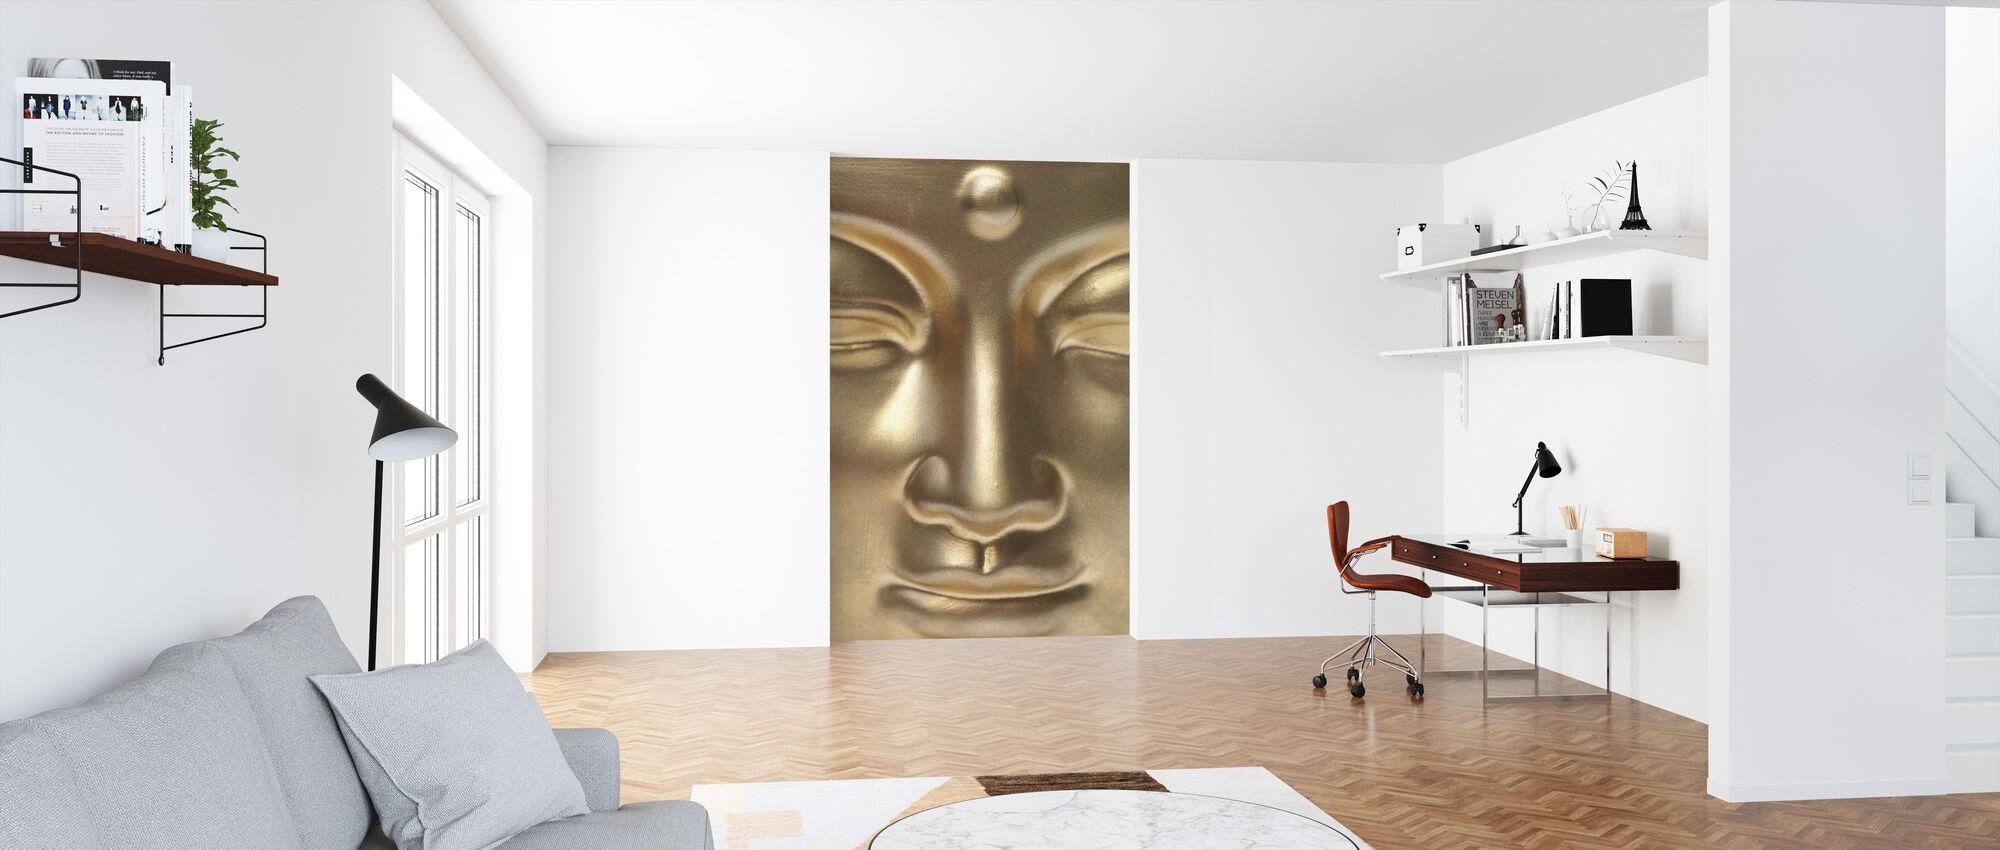 Złoty Budda zbliża się - Tapeta - Biuro